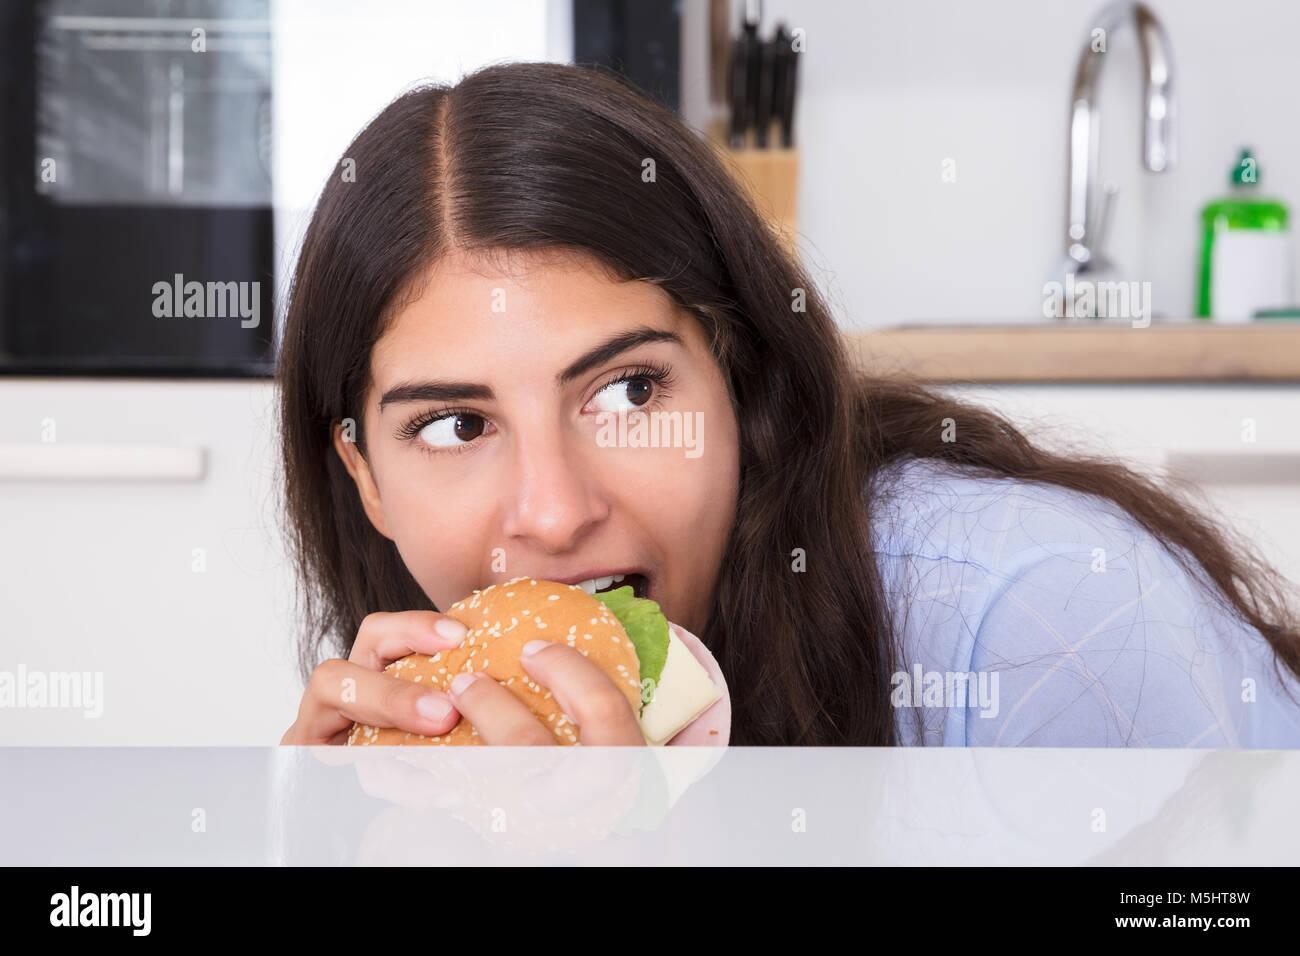 Nahaufnahme einer jungen Frau heimlich Essen Burger zu Hause Stockbild